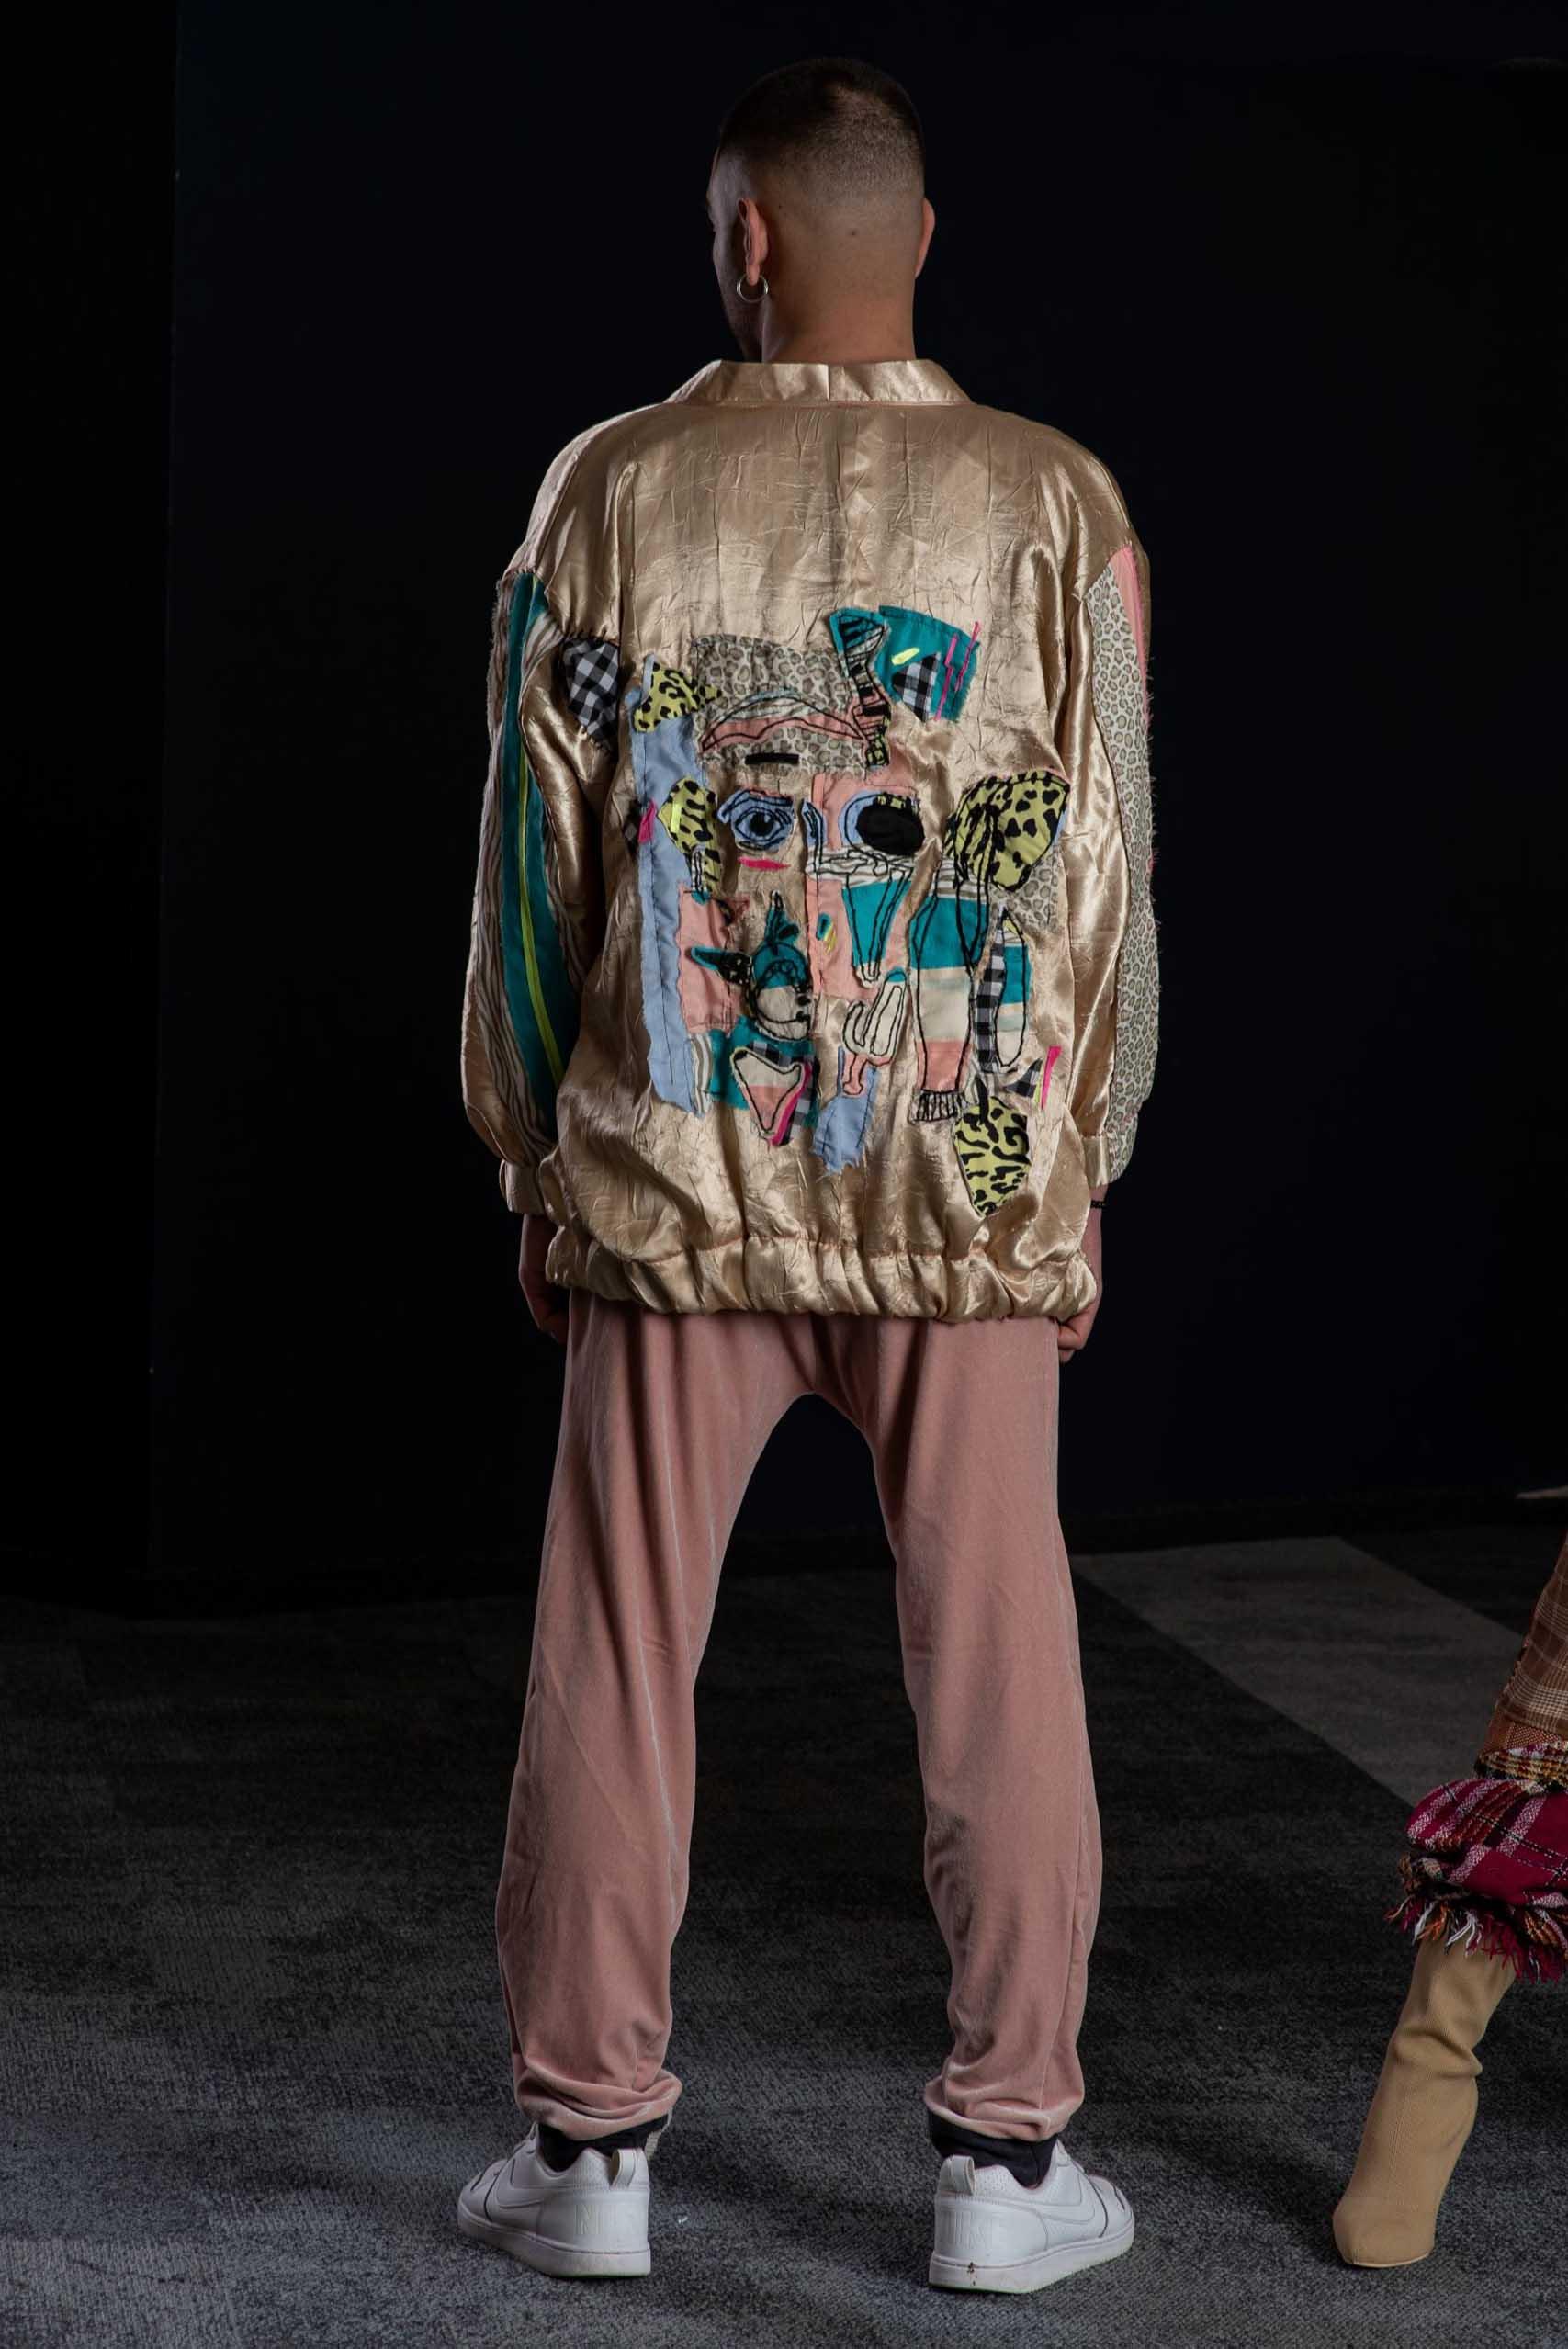 עבודה של לוי סתיו- הגשת קורס אופנה וקיימות- המרכז האקדמי לעיצוב ולחינוך ויצו חיפה_fashion